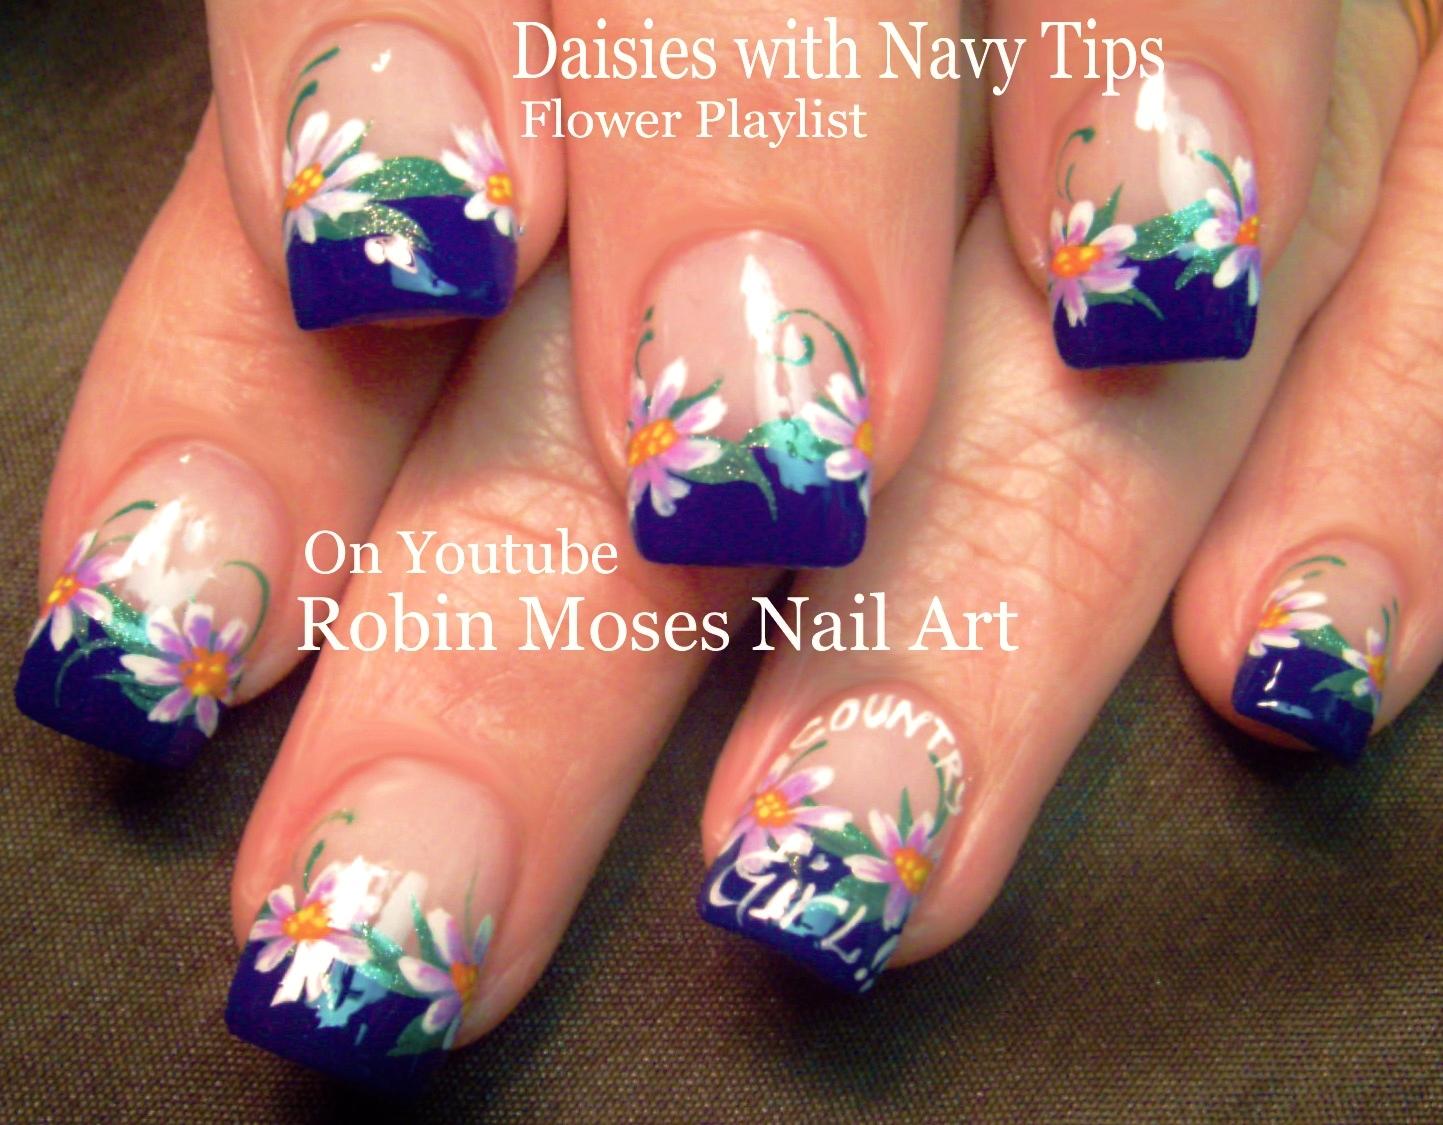 Robin Moses Nail Art: Daisy Nail Art on Navy Blue Tips ...